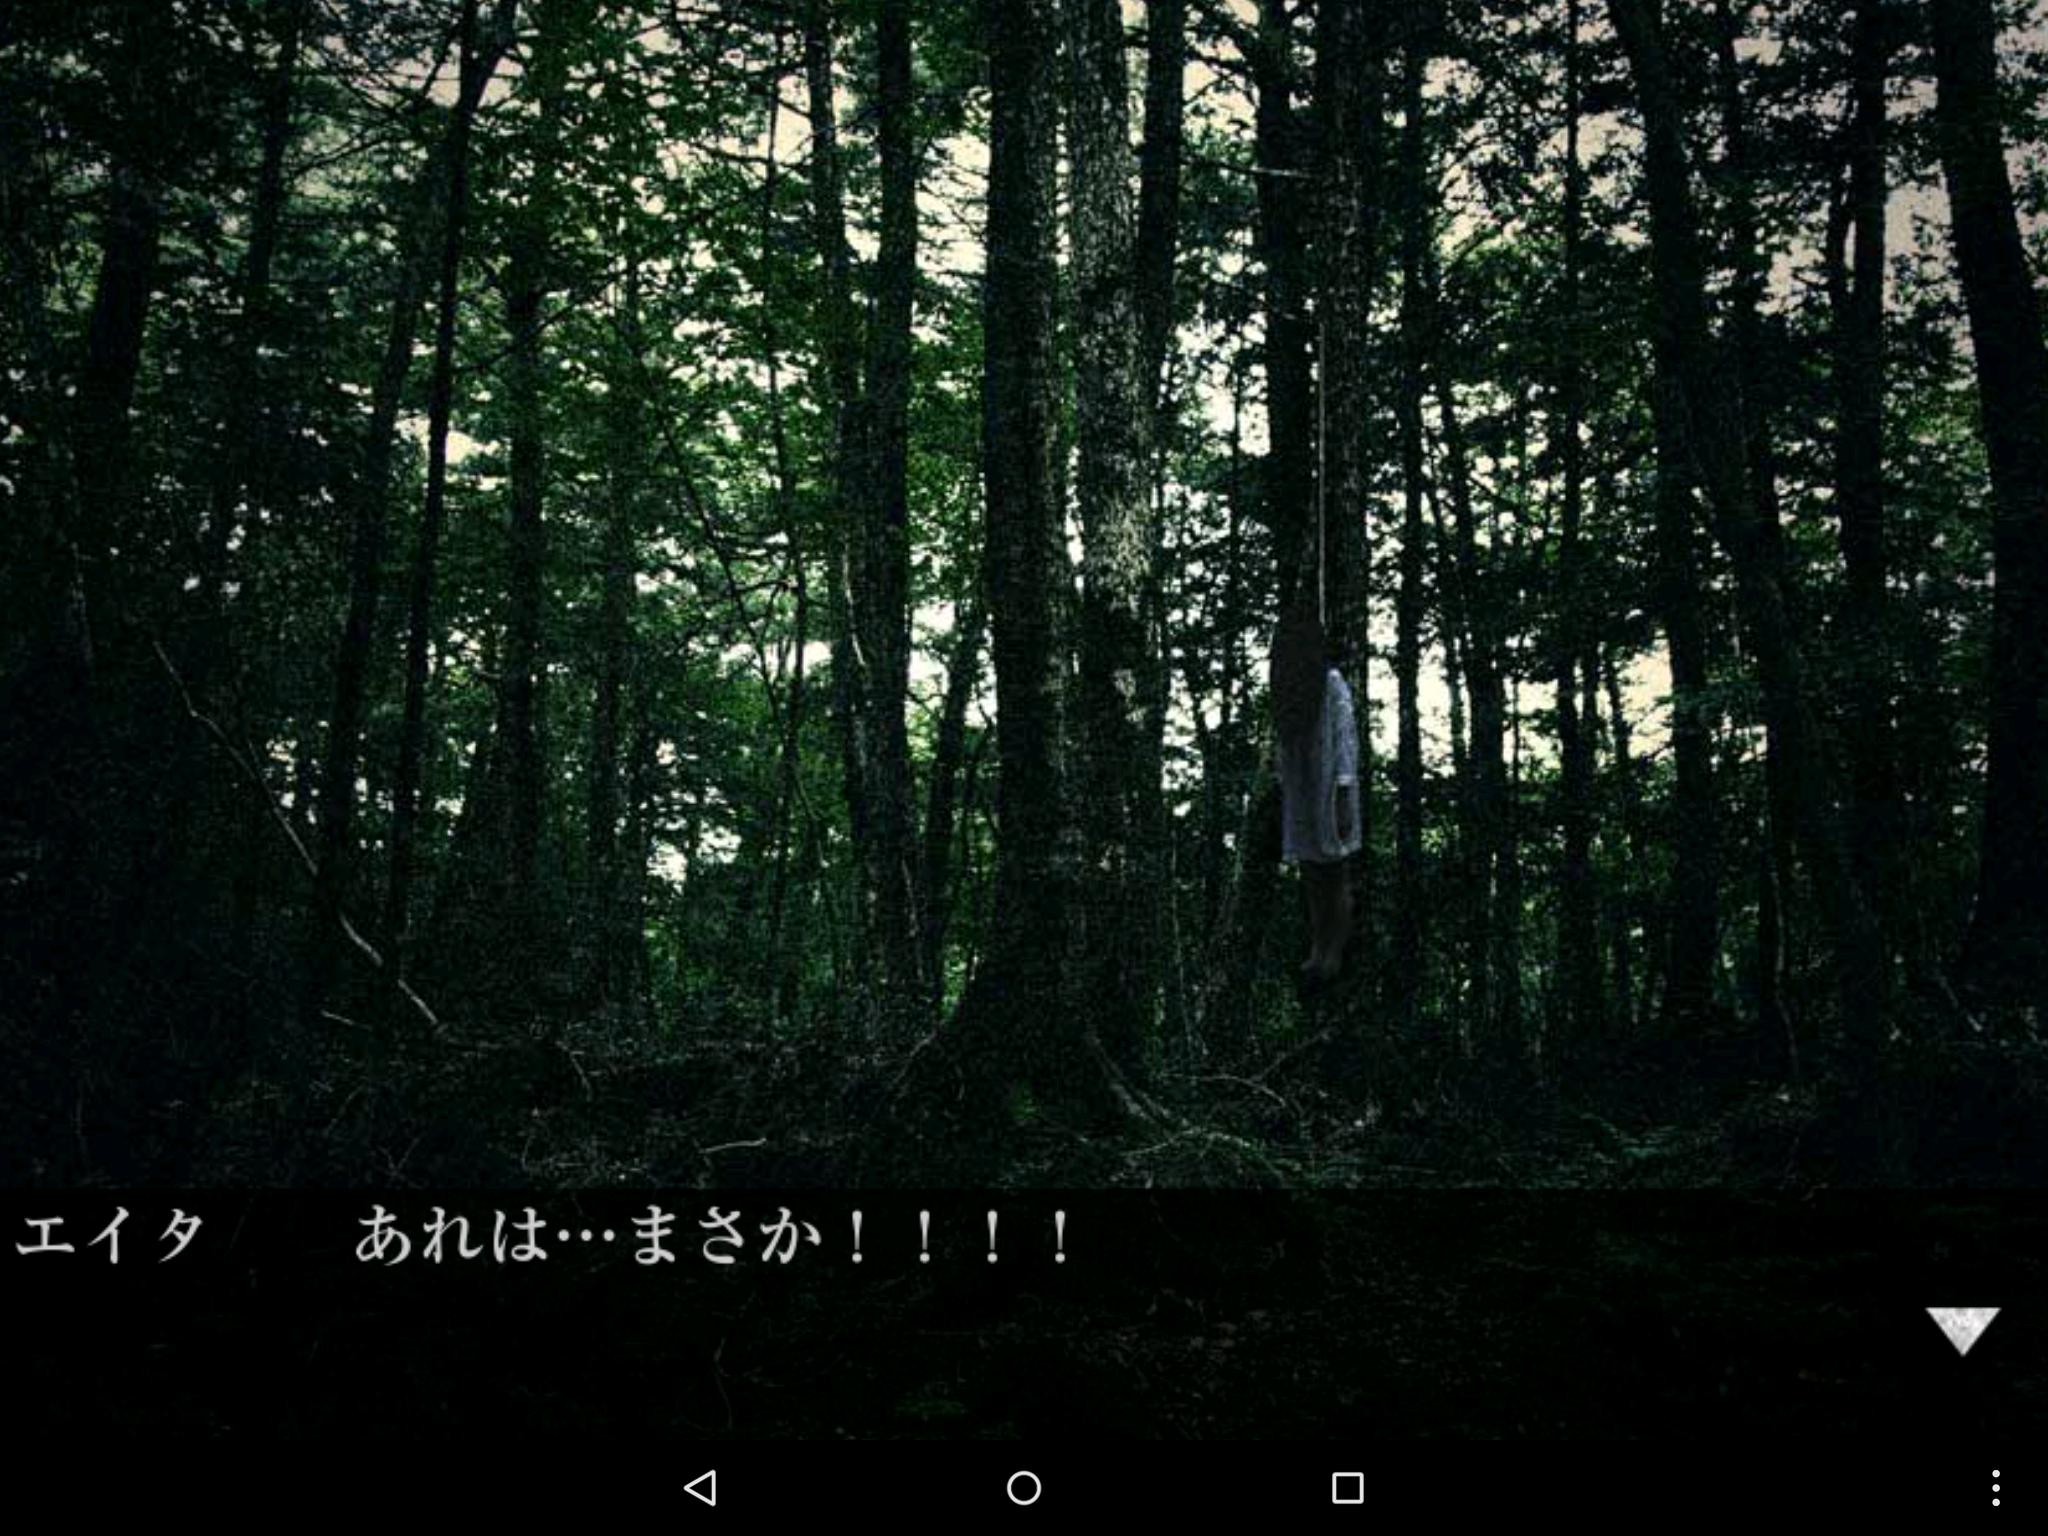 樹海からの脱出 androidアプリスクリーンショット2